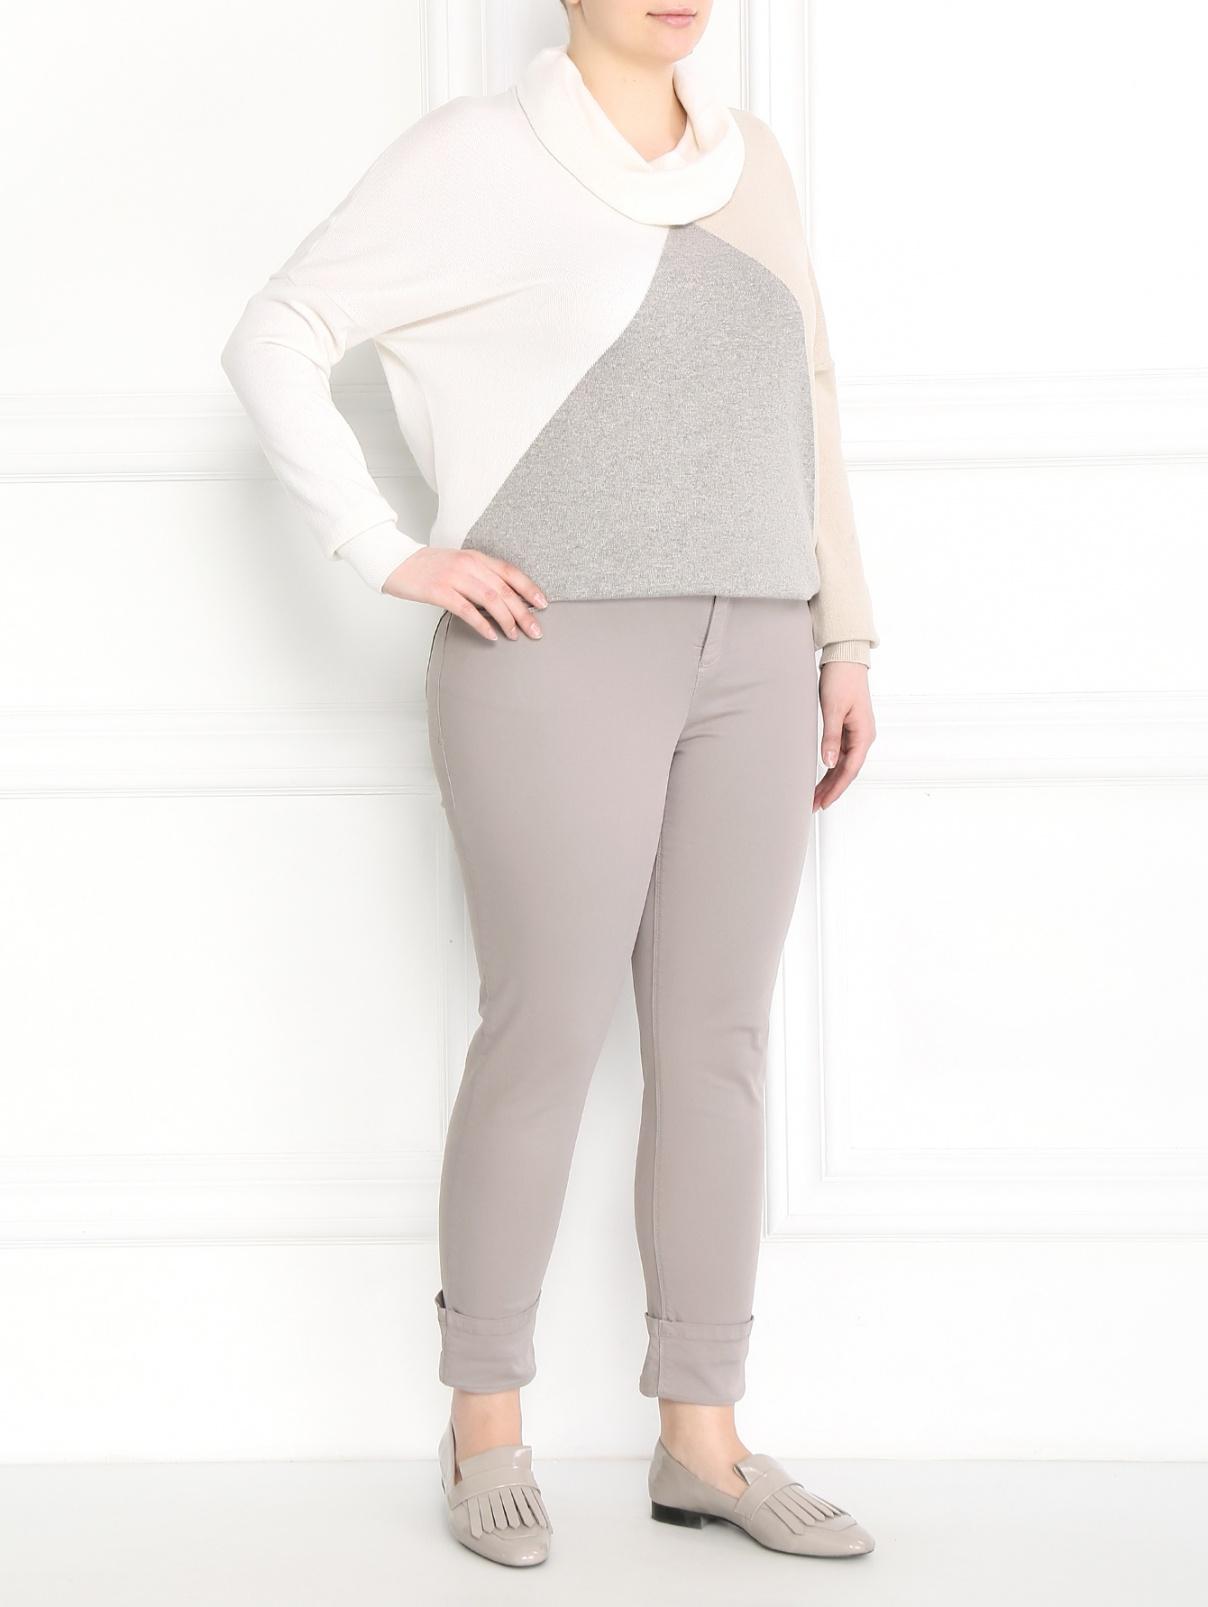 Укороченные брюки из хлопка Marina Sport  –  Модель Общий вид  – Цвет:  Серый